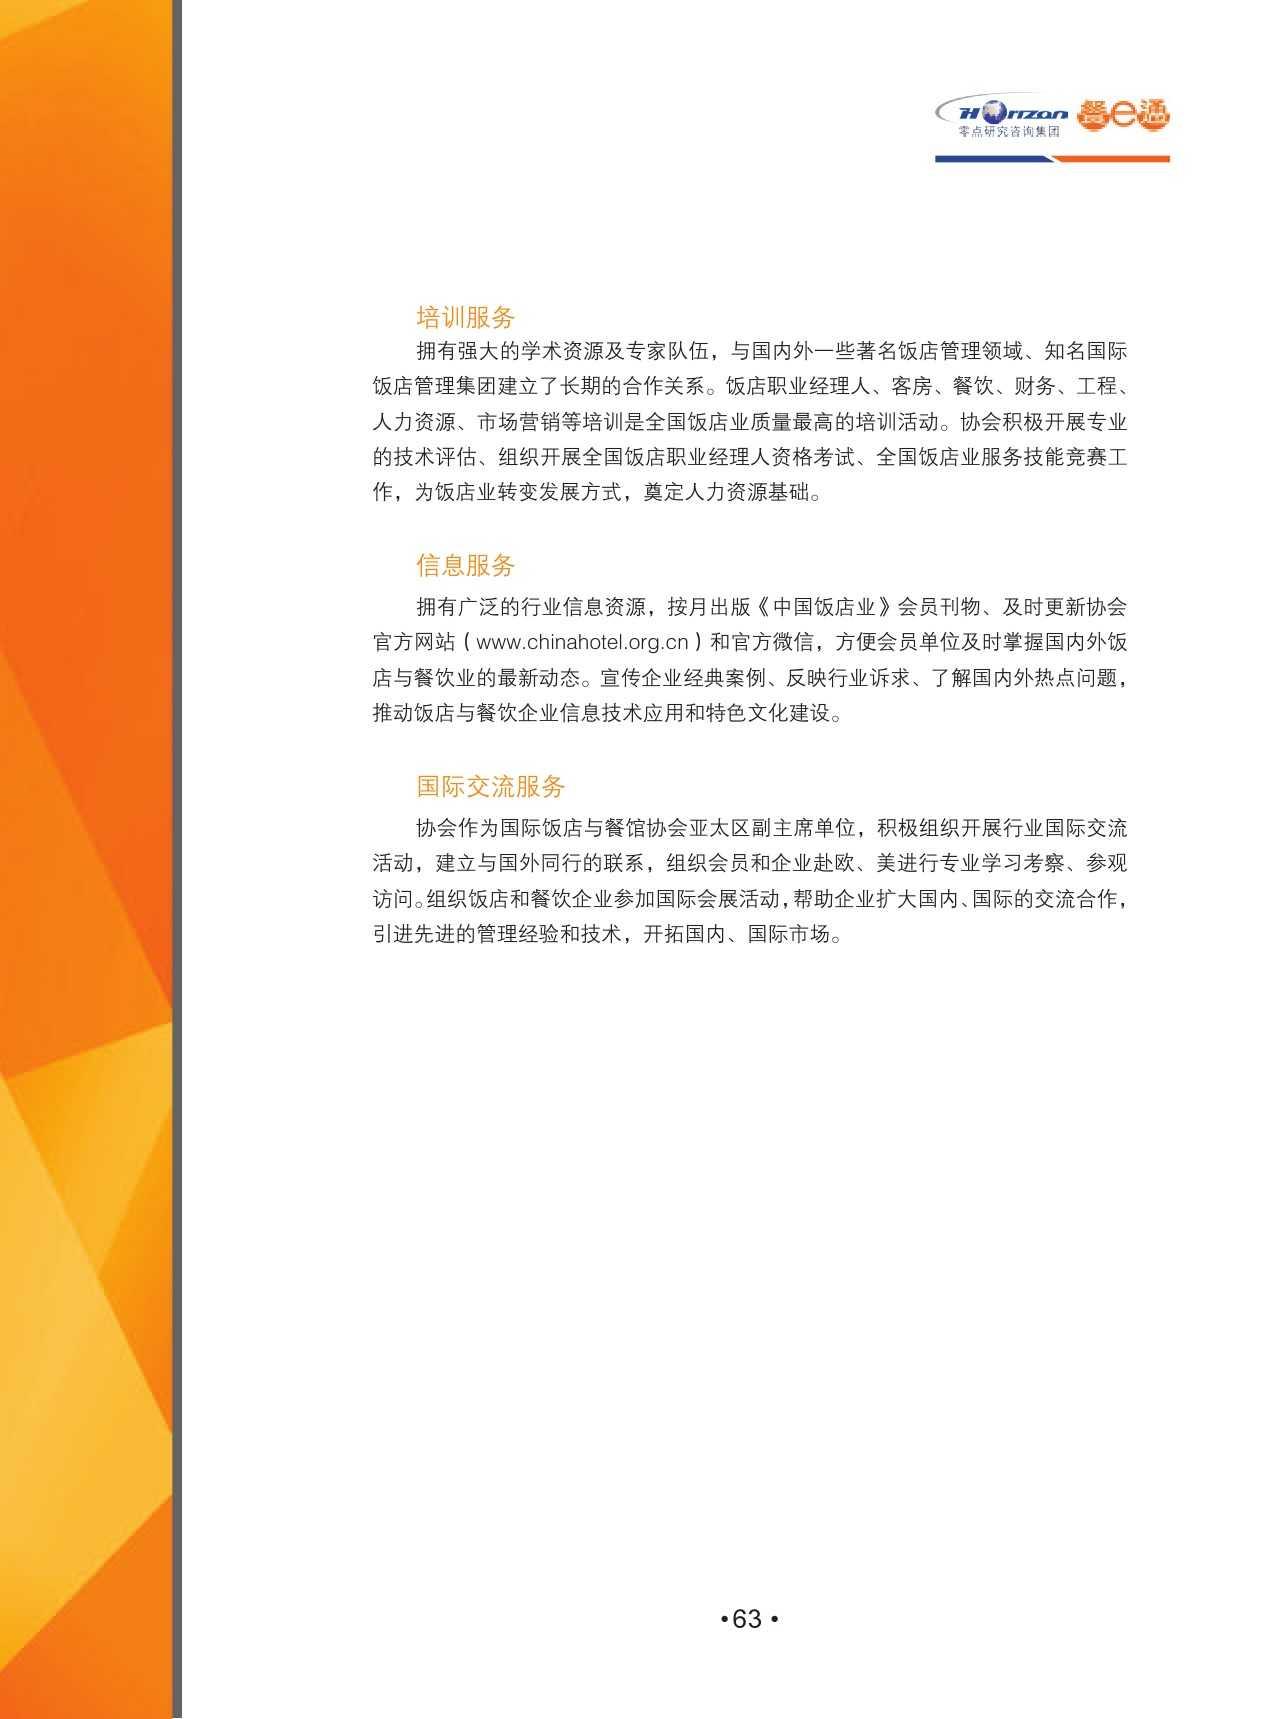 2015中国餐饮消费需求大数据分析报告_000065